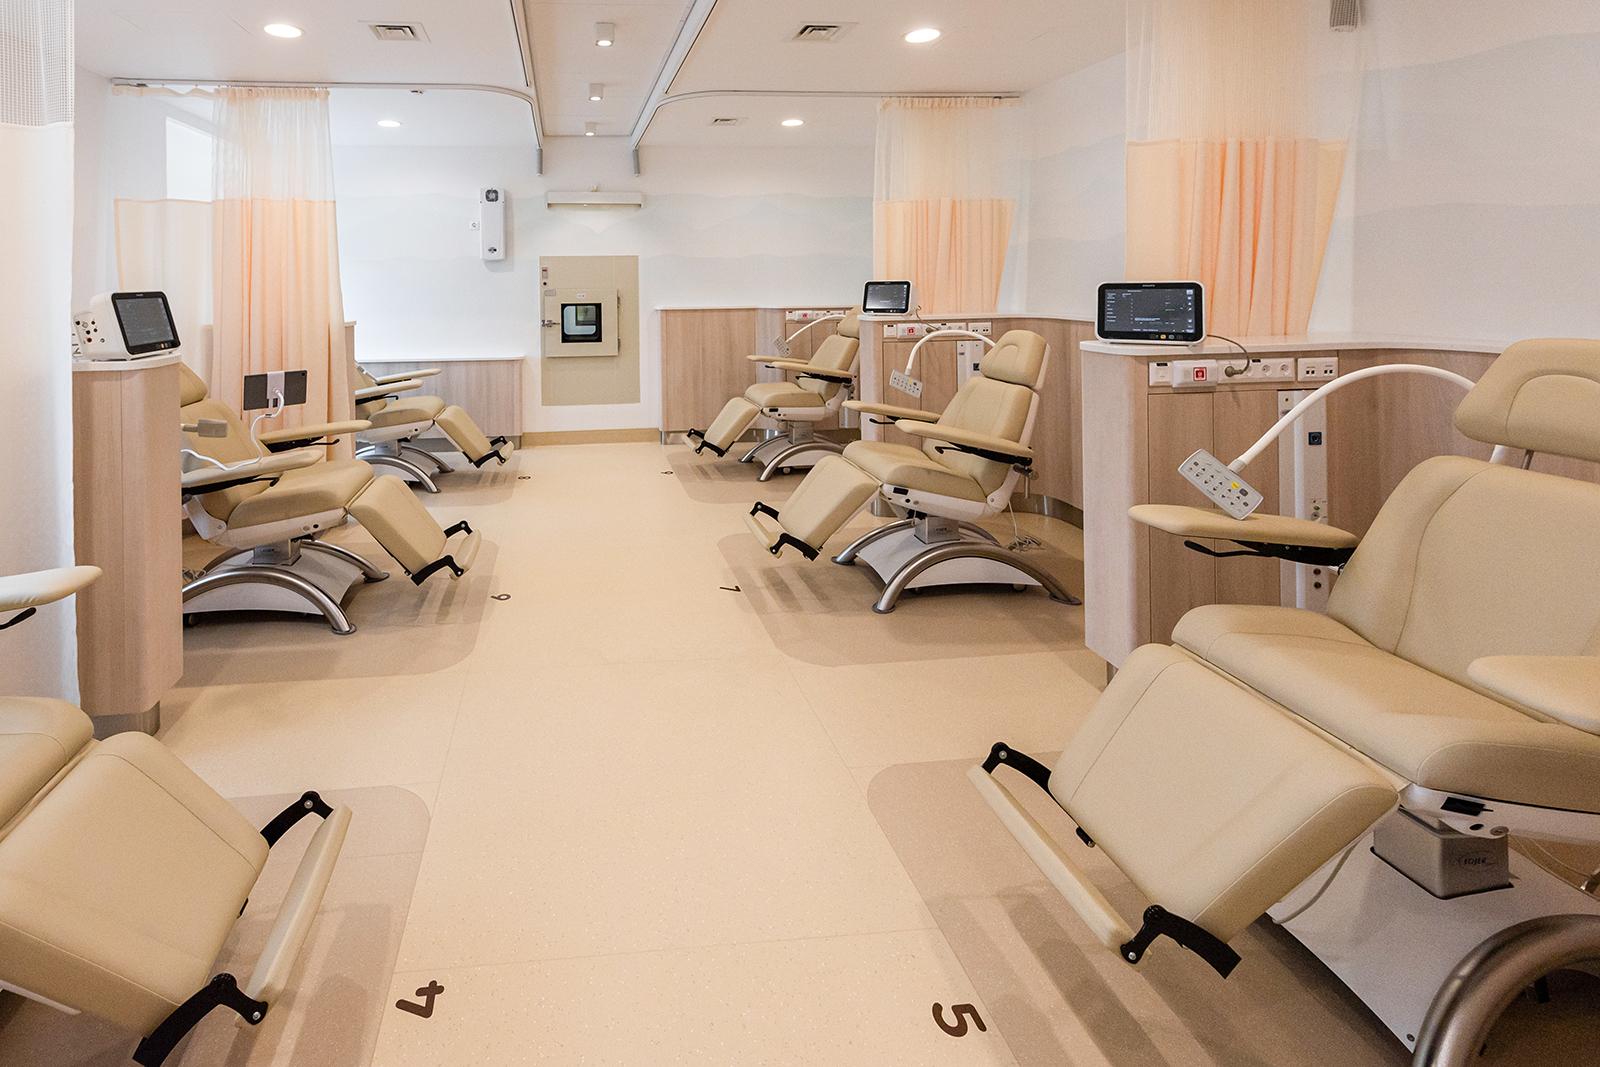 Сергей Собянин рассказал о программе лекарственной терапии пациентов c онкозаболеваниями